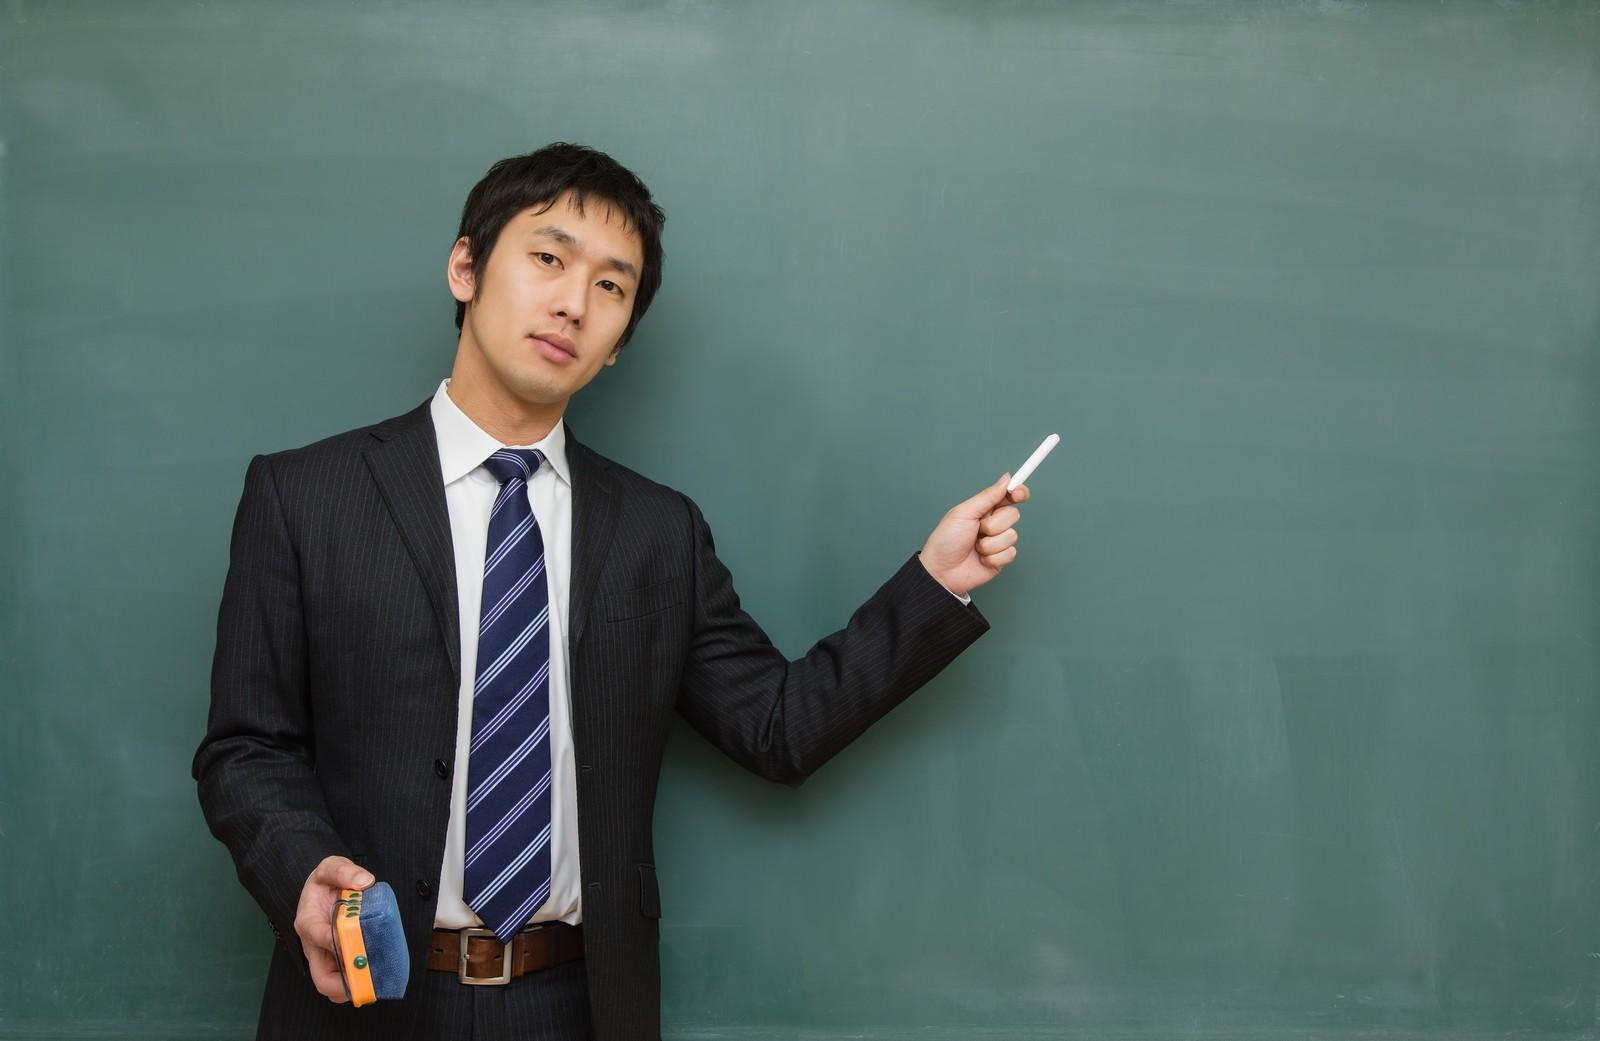 国公立大学授業料免除やゼロはいつから?大学無償化の代替案?